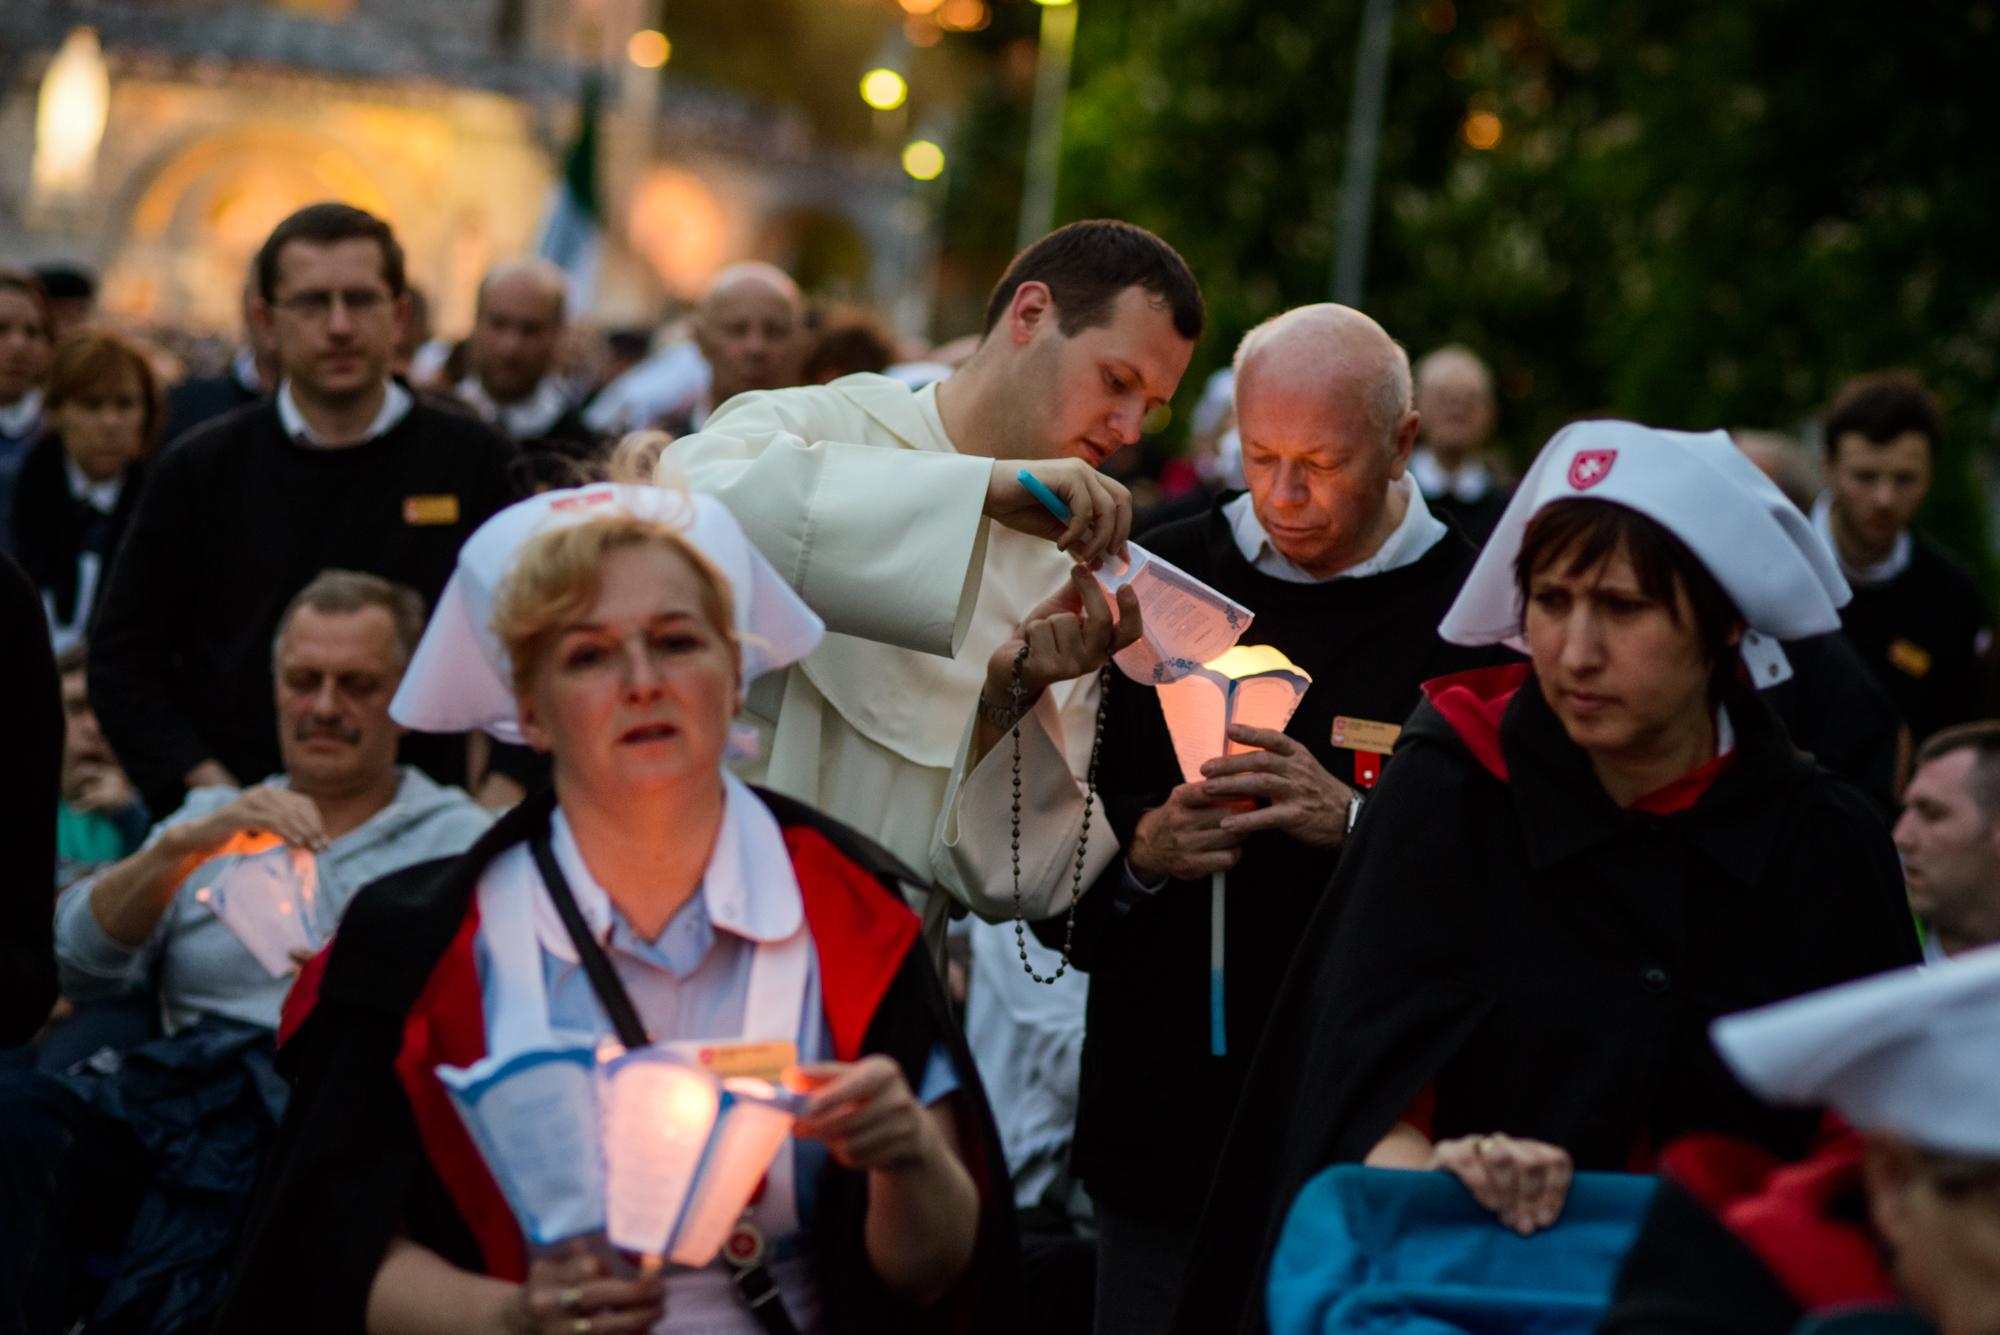 Podczas procesji maryjnej ze świecami (fot. Piotr Idem)